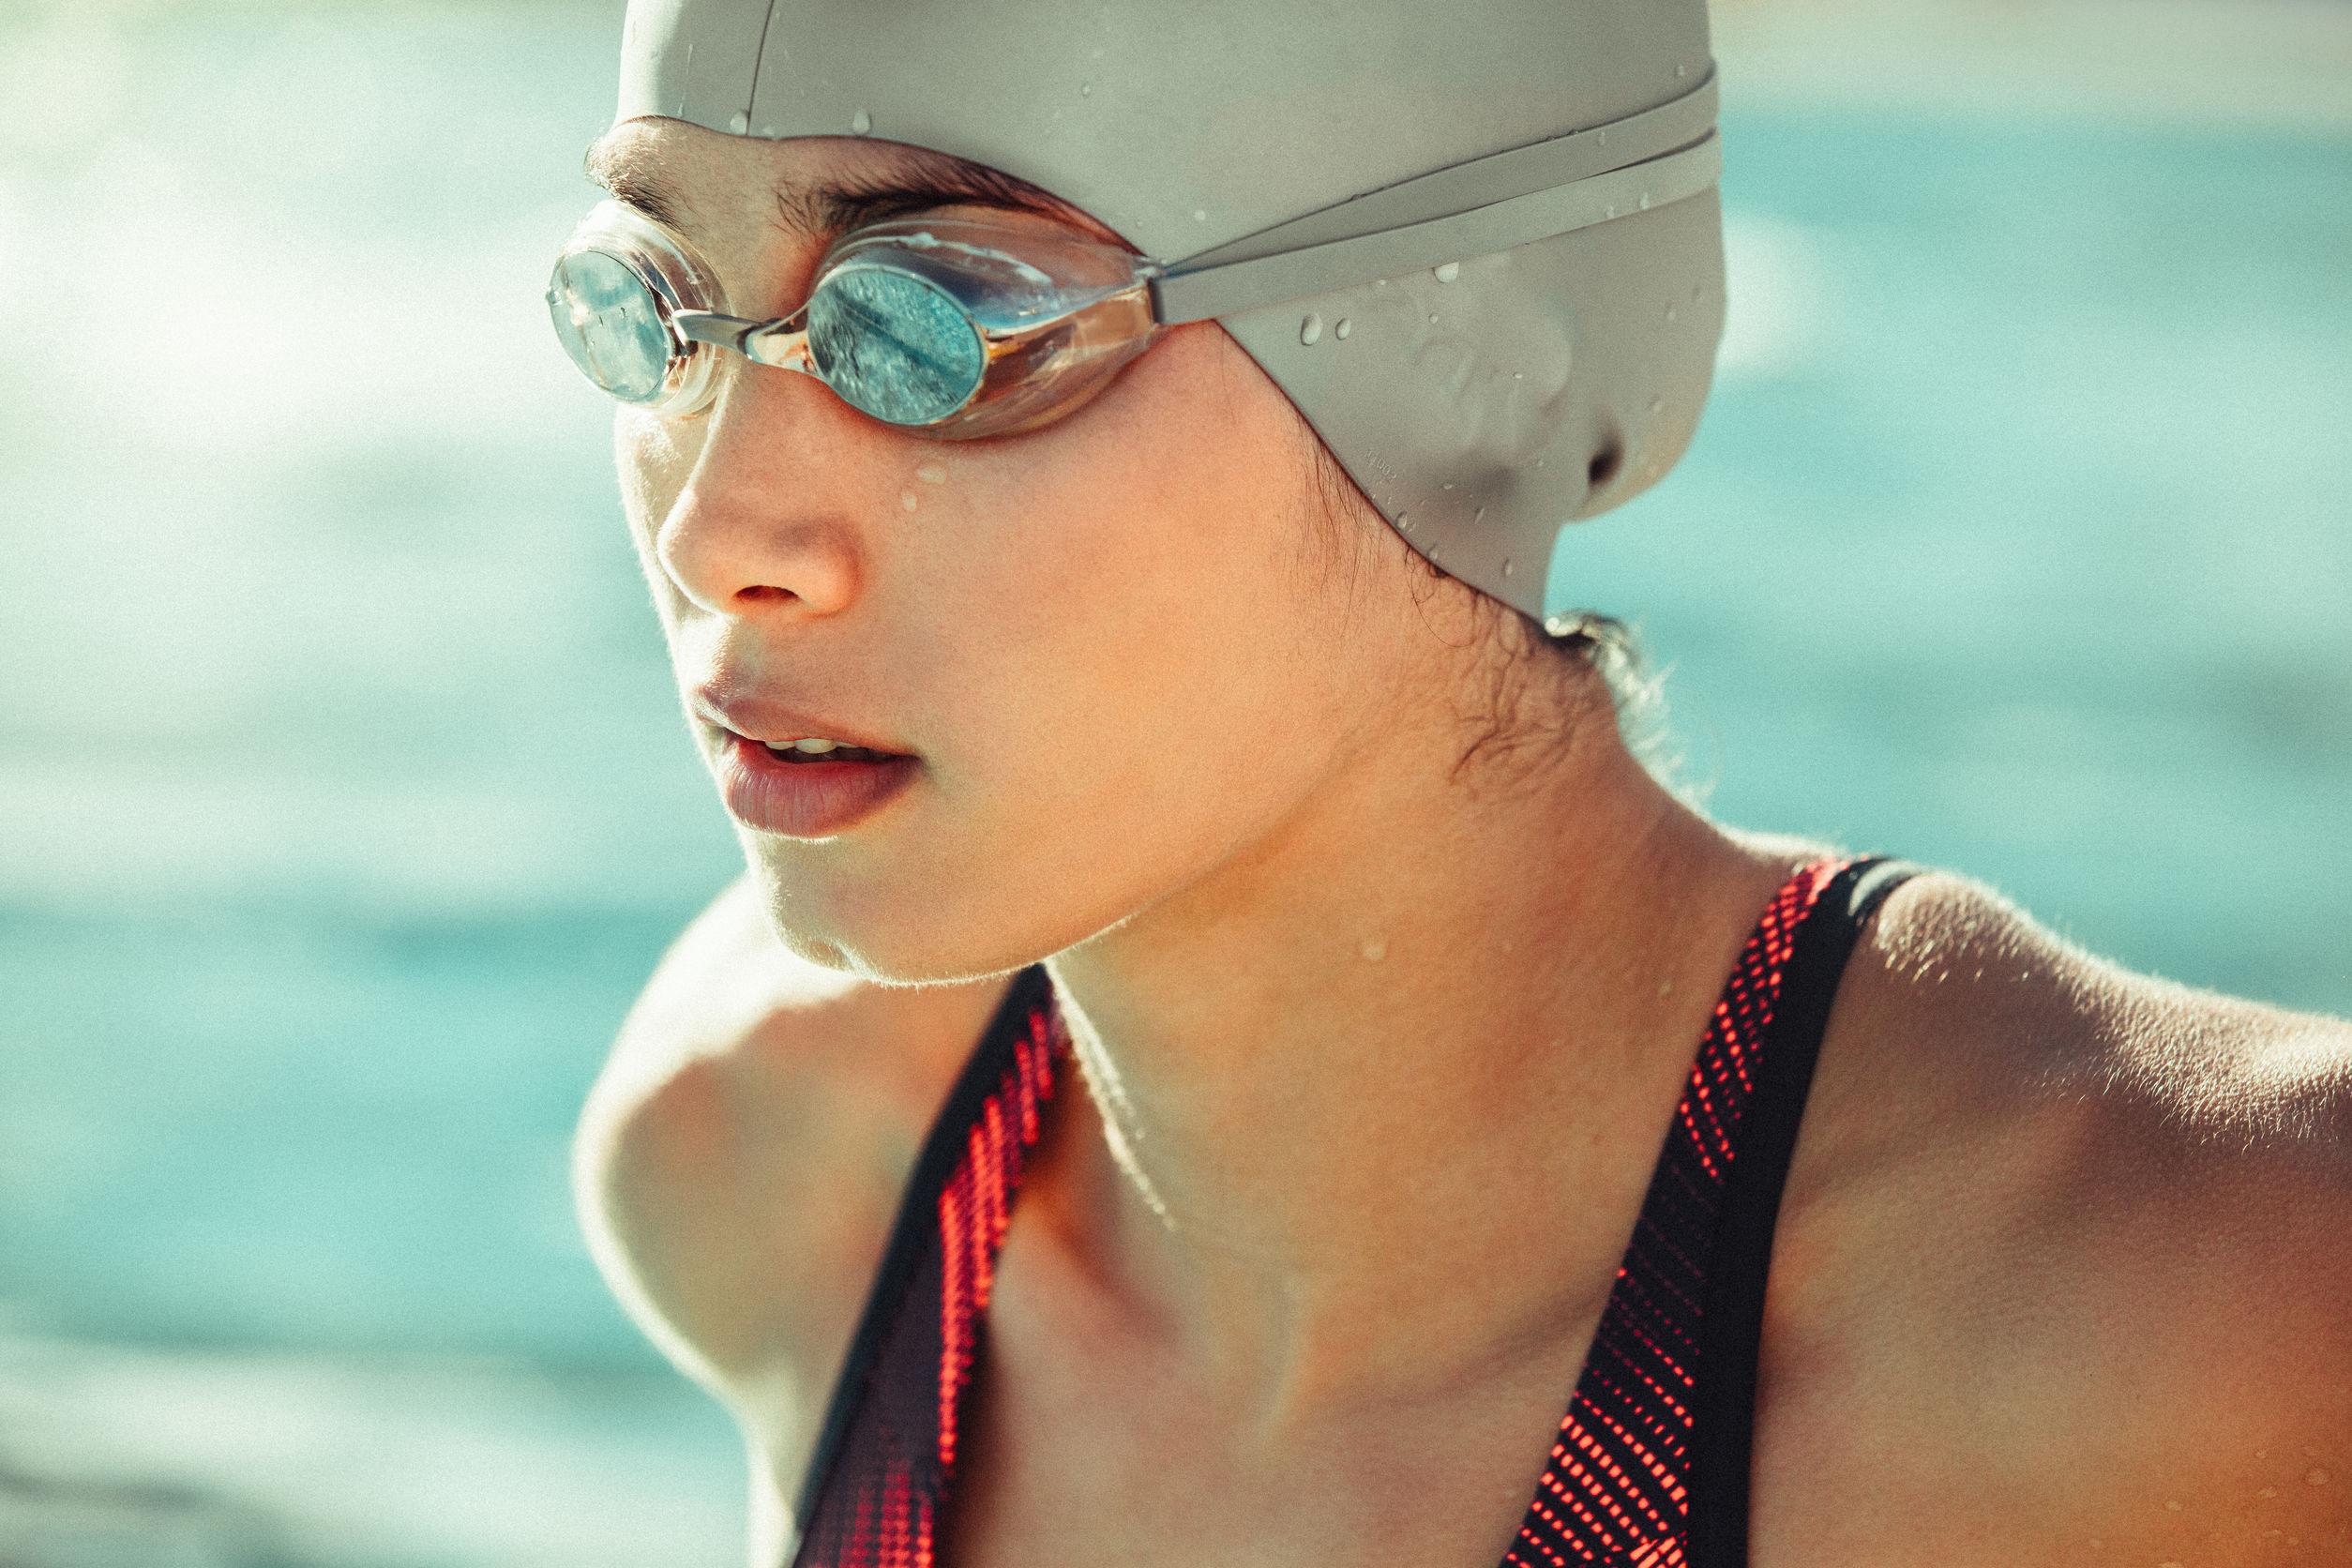 Gorro de natación: ¿Cuál es el mejor de 2021?